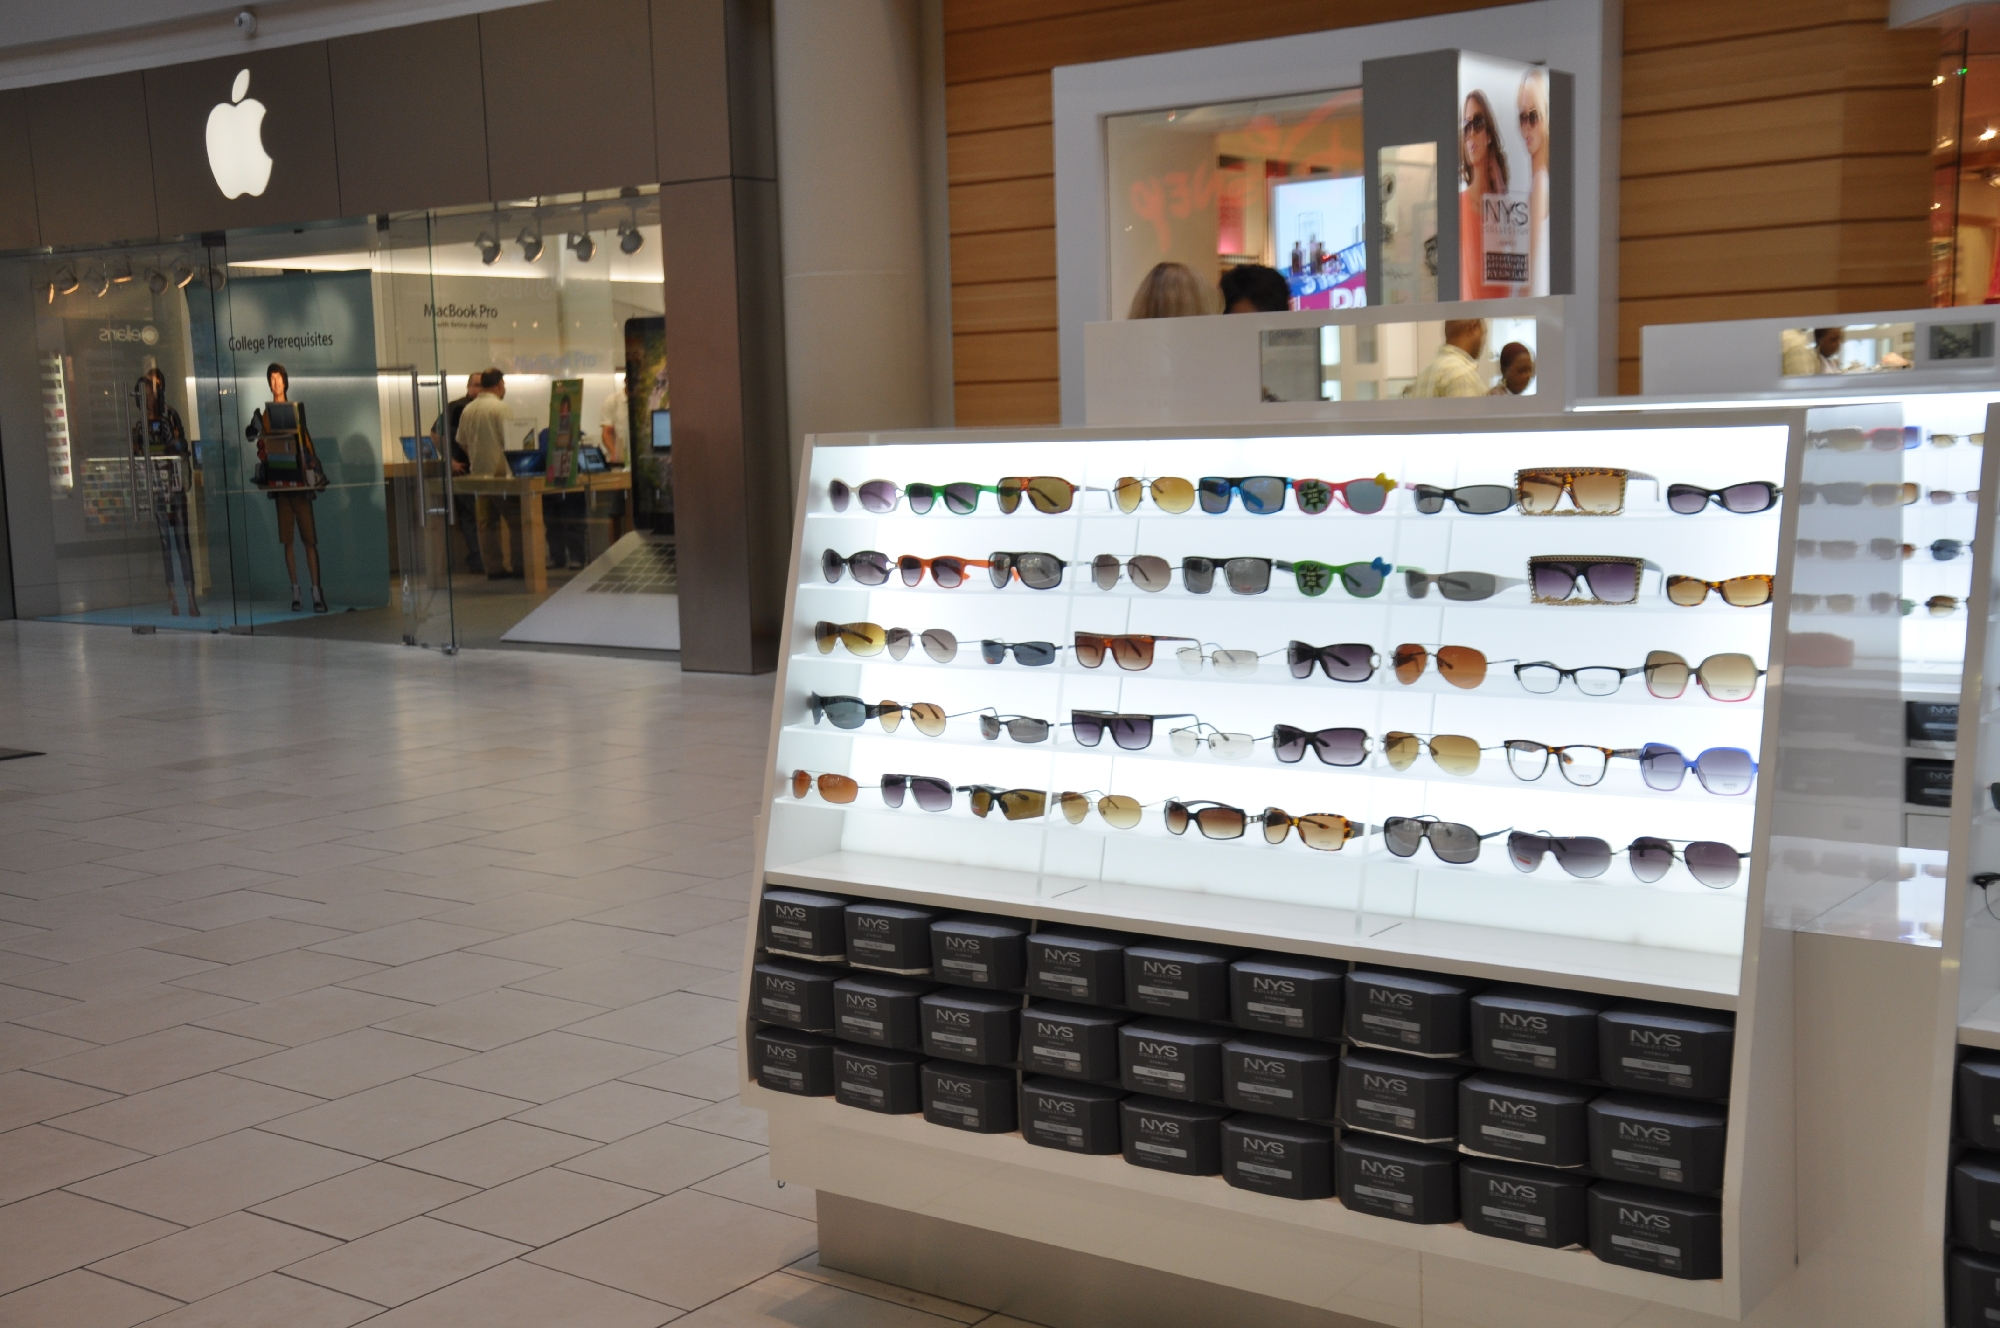 NYS KIOSK Freehold Mall 2012 053__35.jpg